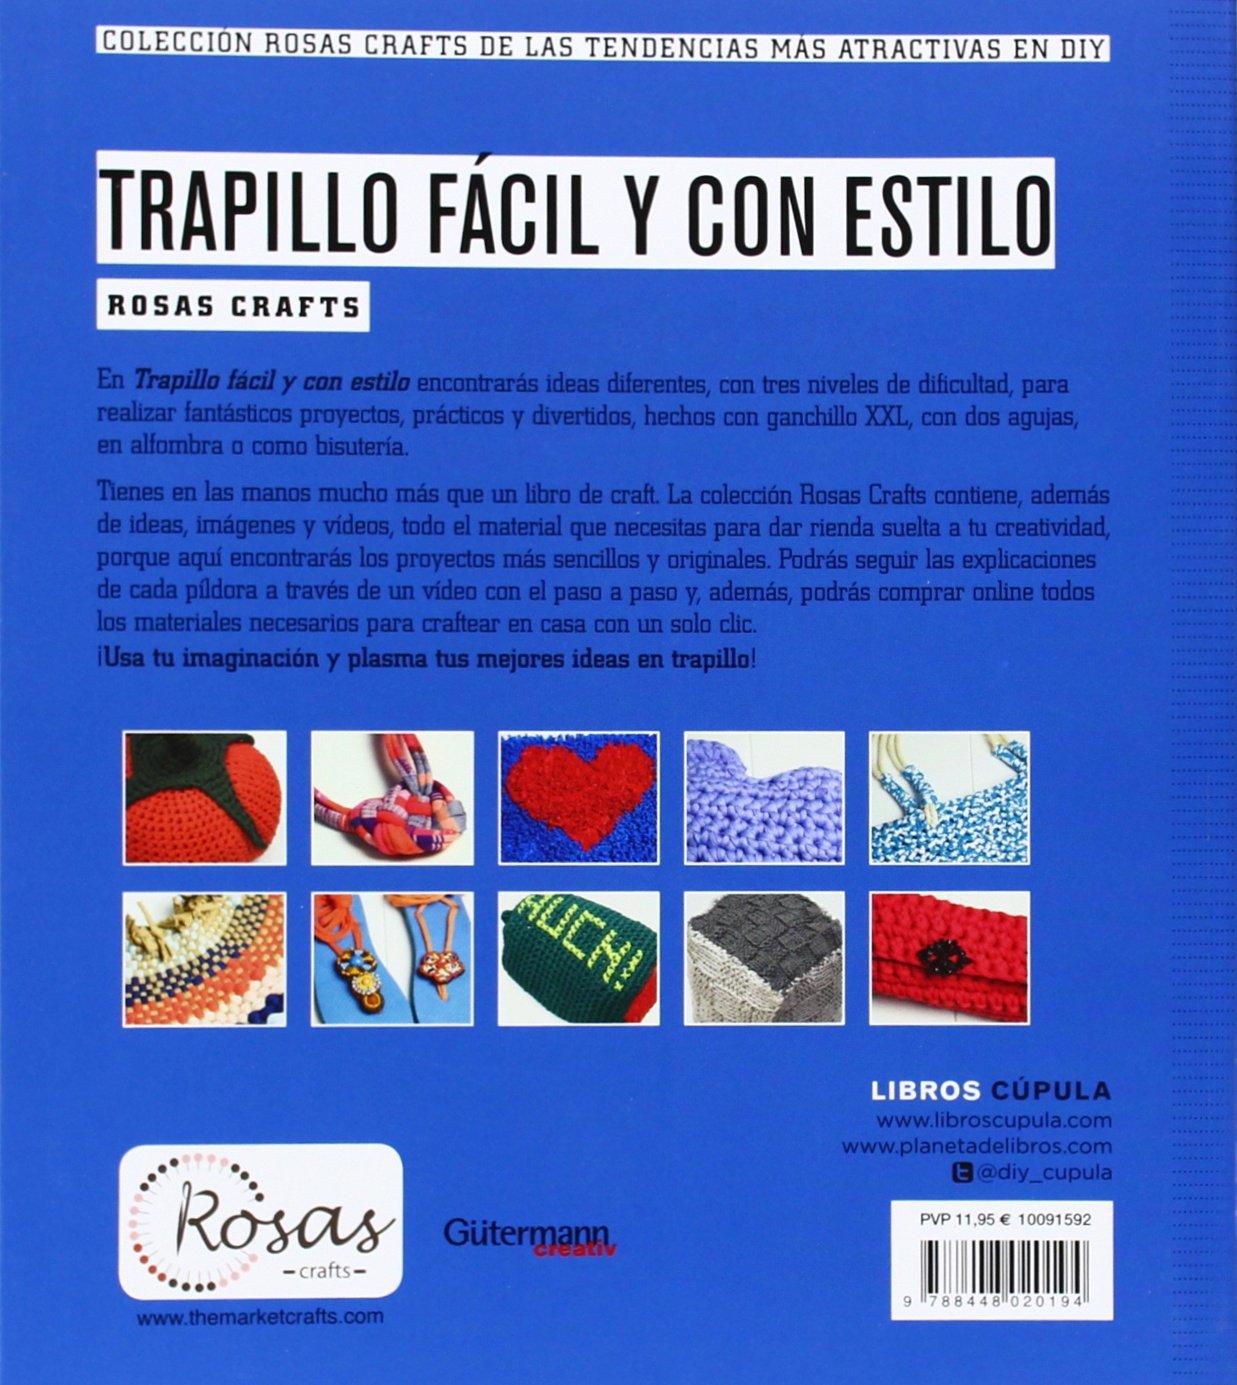 Rosas Crafts. Trapillo fácil y con estilo: Colección Rosas crafts de las tendencias más atractivas en Diy Manualidades: Amazon.es: Rosas Crafts: Libros